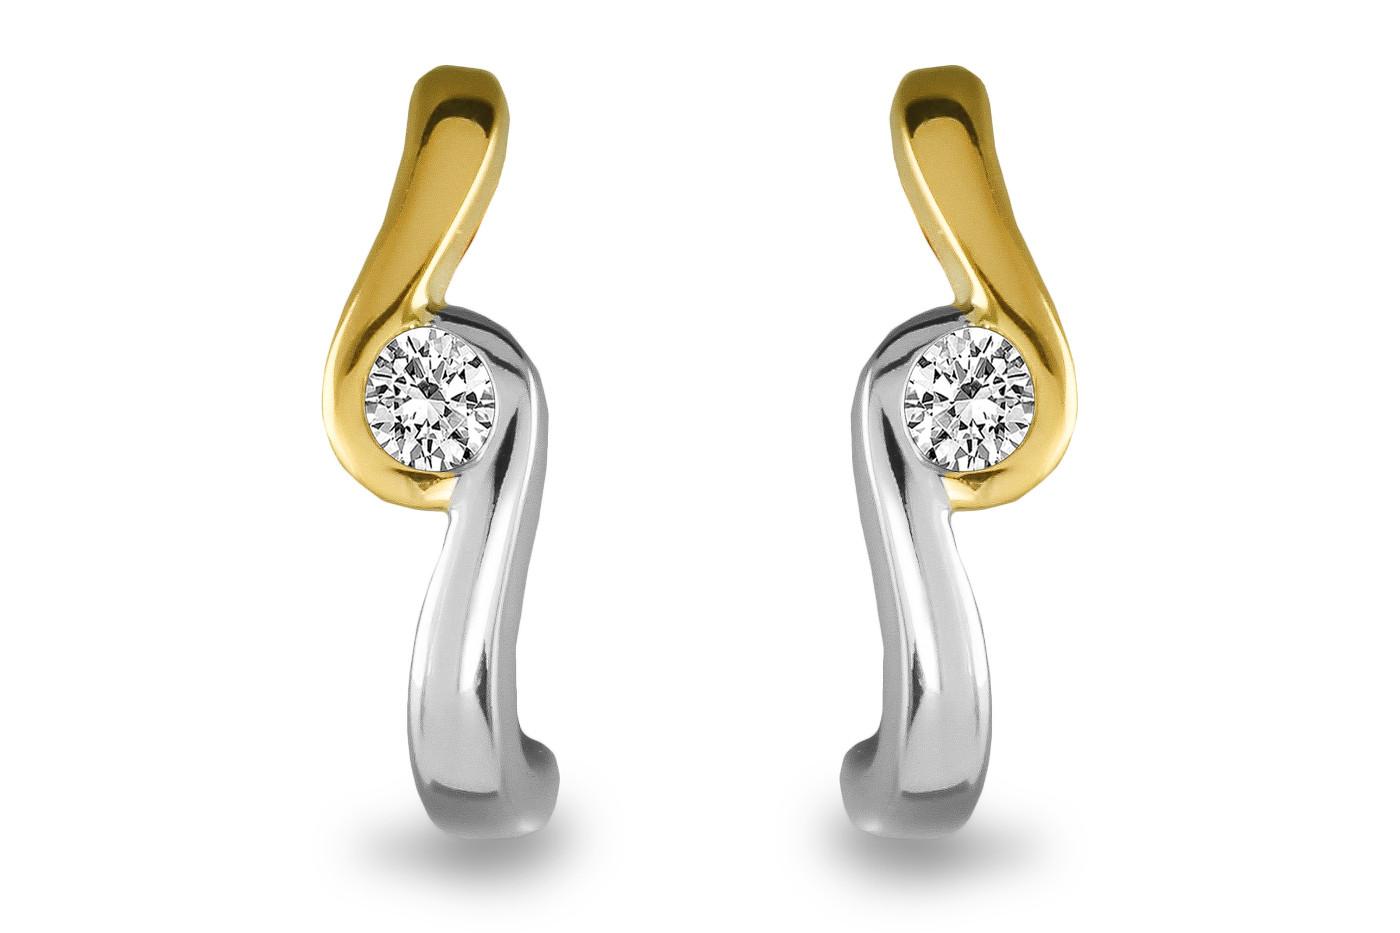 Gouden bicolor oorknoppen 0,10crt SOL-M942-005-G2